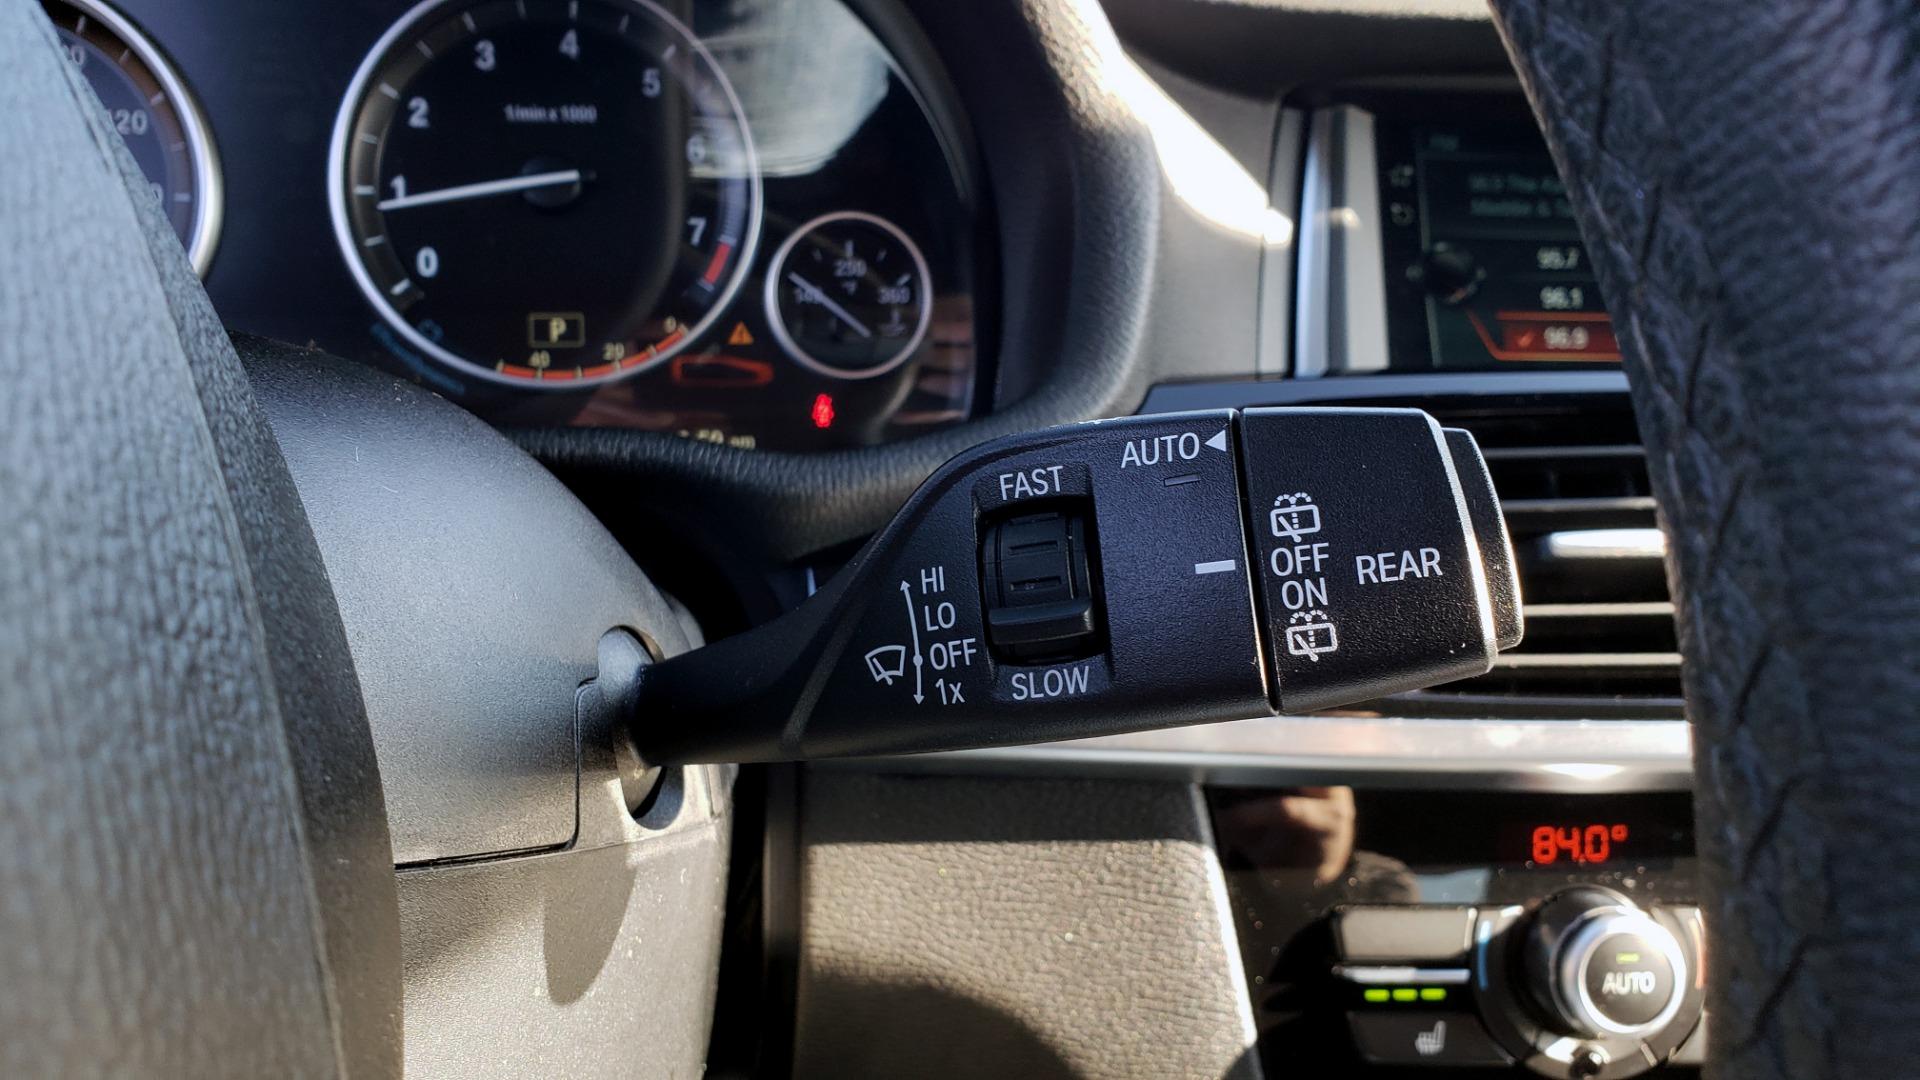 Used 2017 BMW X3 XDRIVE28I / PREM PKG / NAV / DRVR ASST / HTD STS / CAMERAS for sale Sold at Formula Imports in Charlotte NC 28227 49